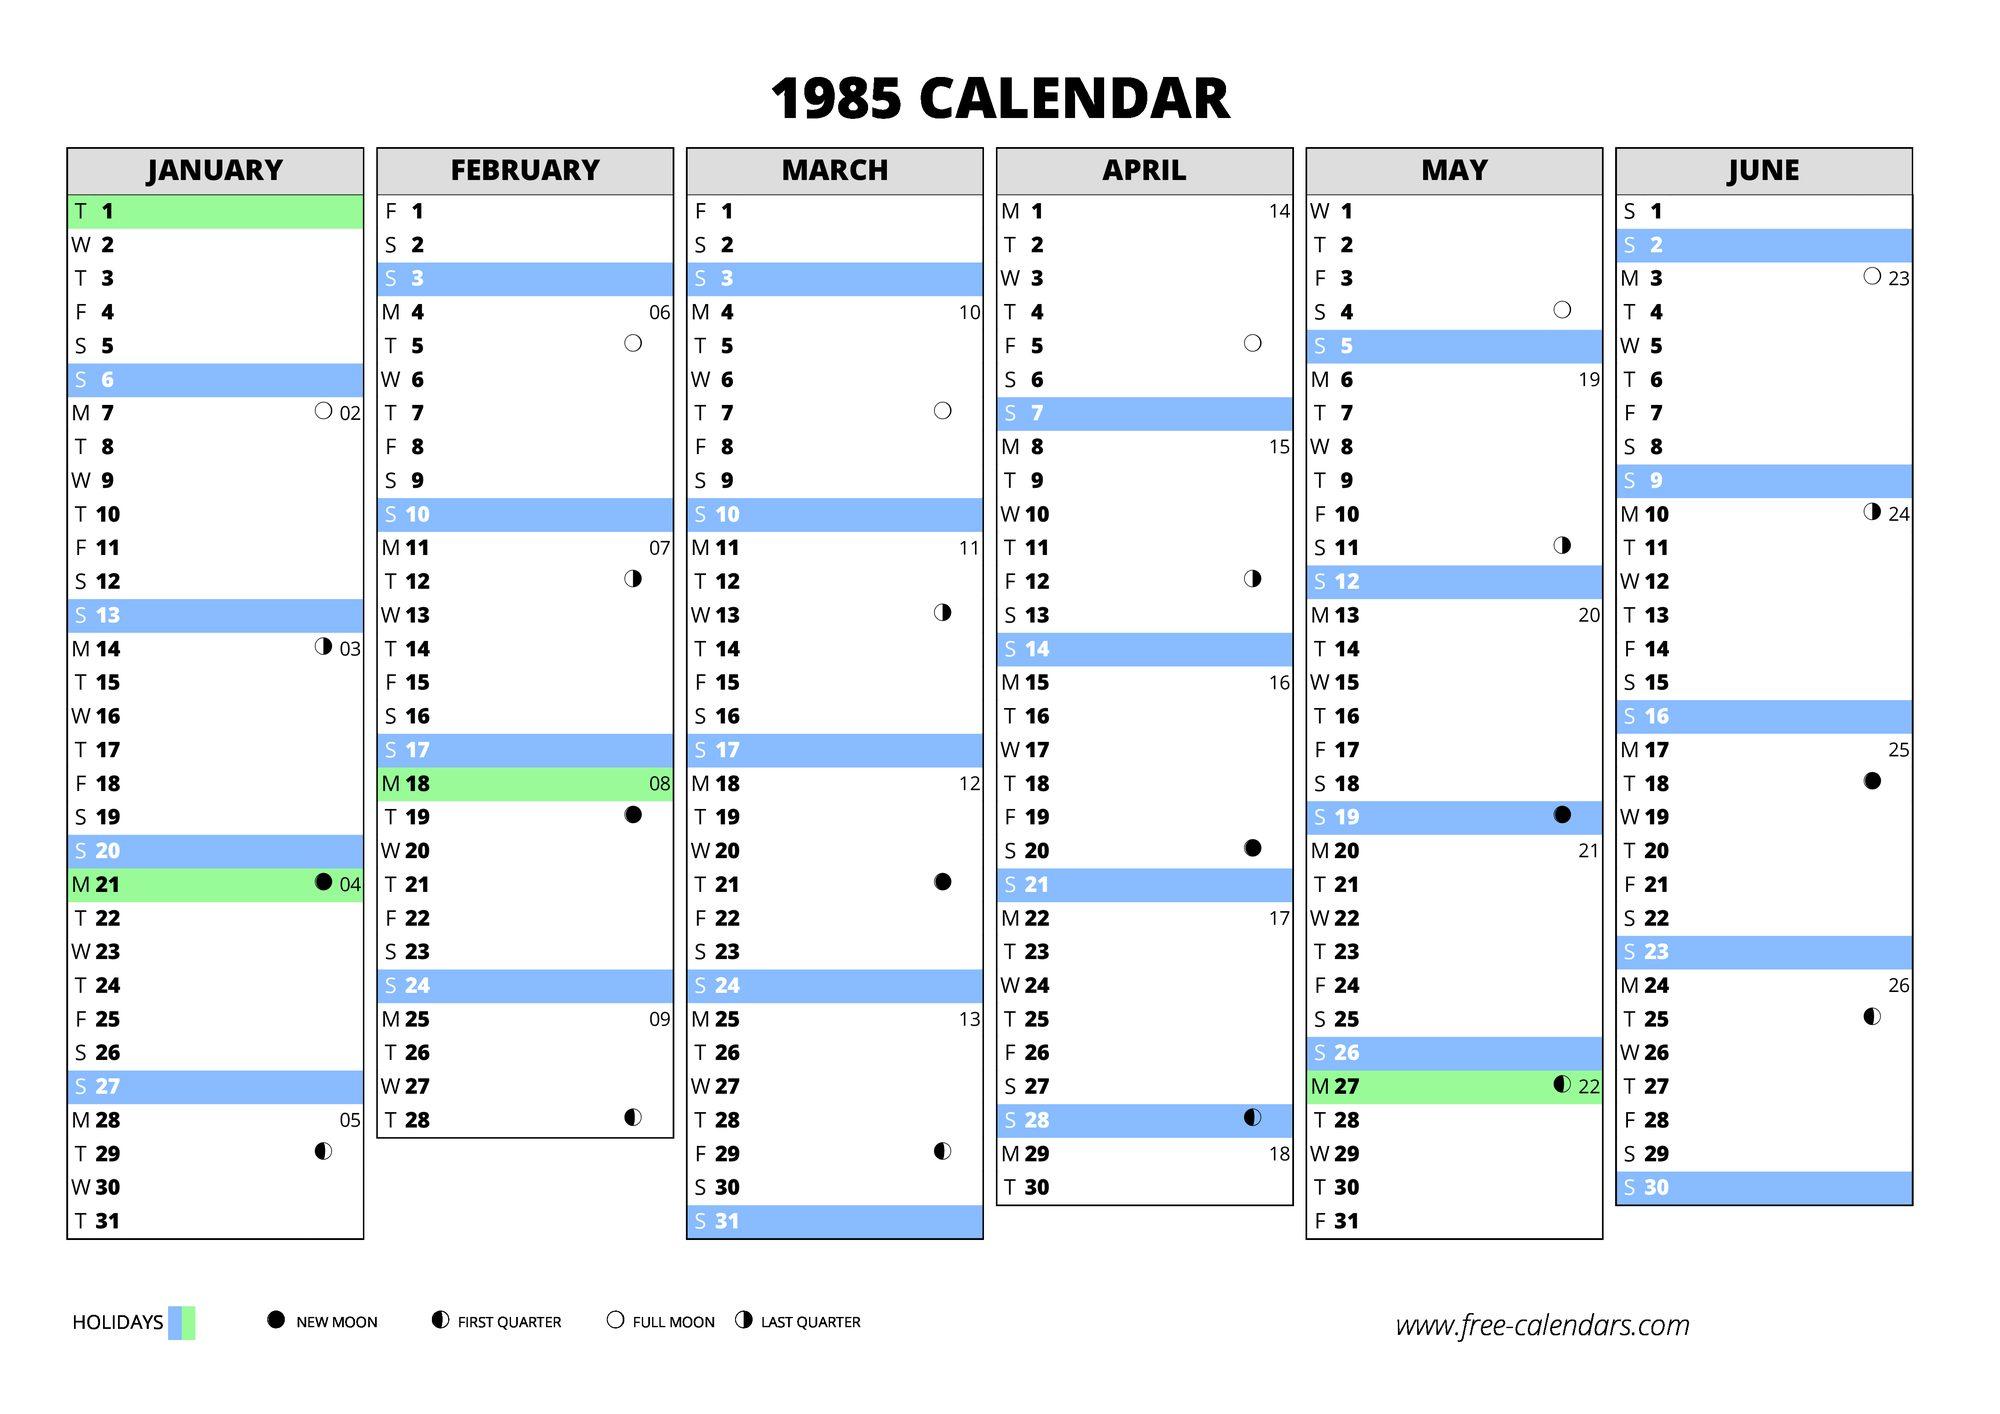 1985 Calendar Free Calendars Com